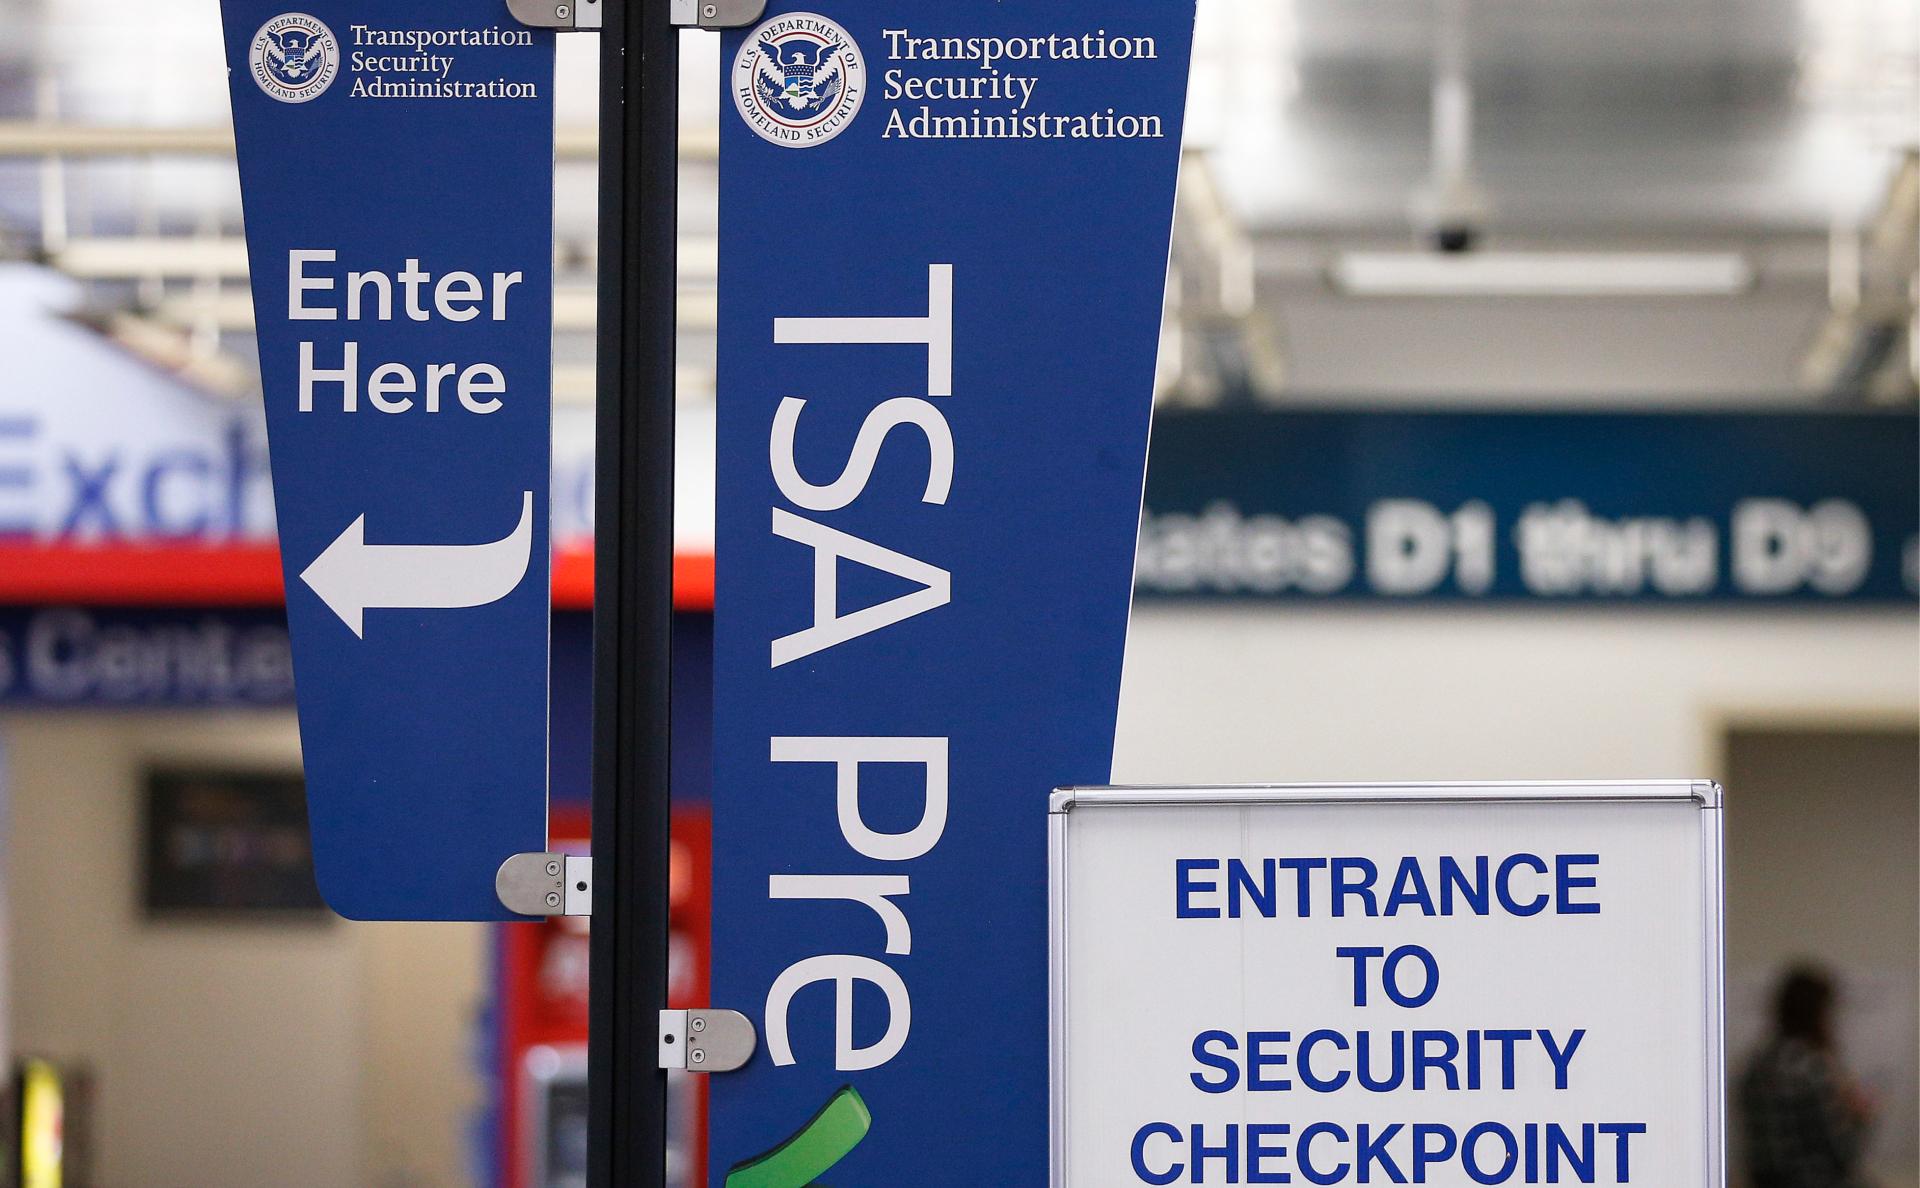 Знак администрации транспортной безопасности в аэропорту Форт-Лодердейл, Флорида